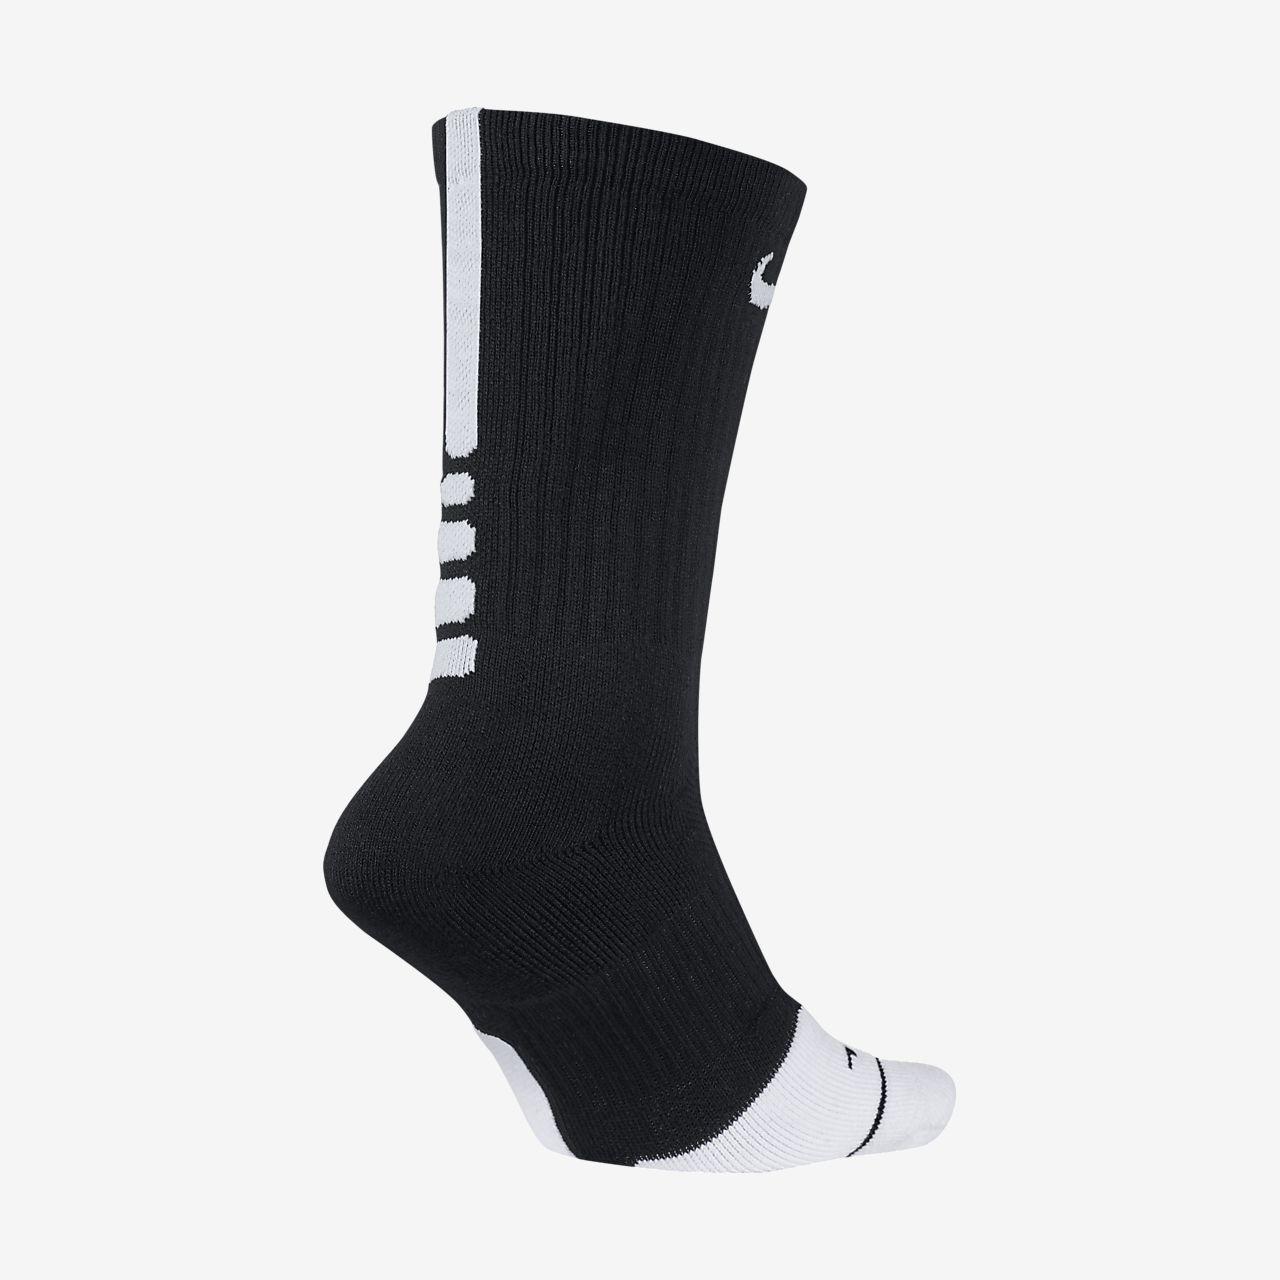 8381f9ec974 Nike Dry Elite 1.5 Crew Basketball Socks. Nike.com AU